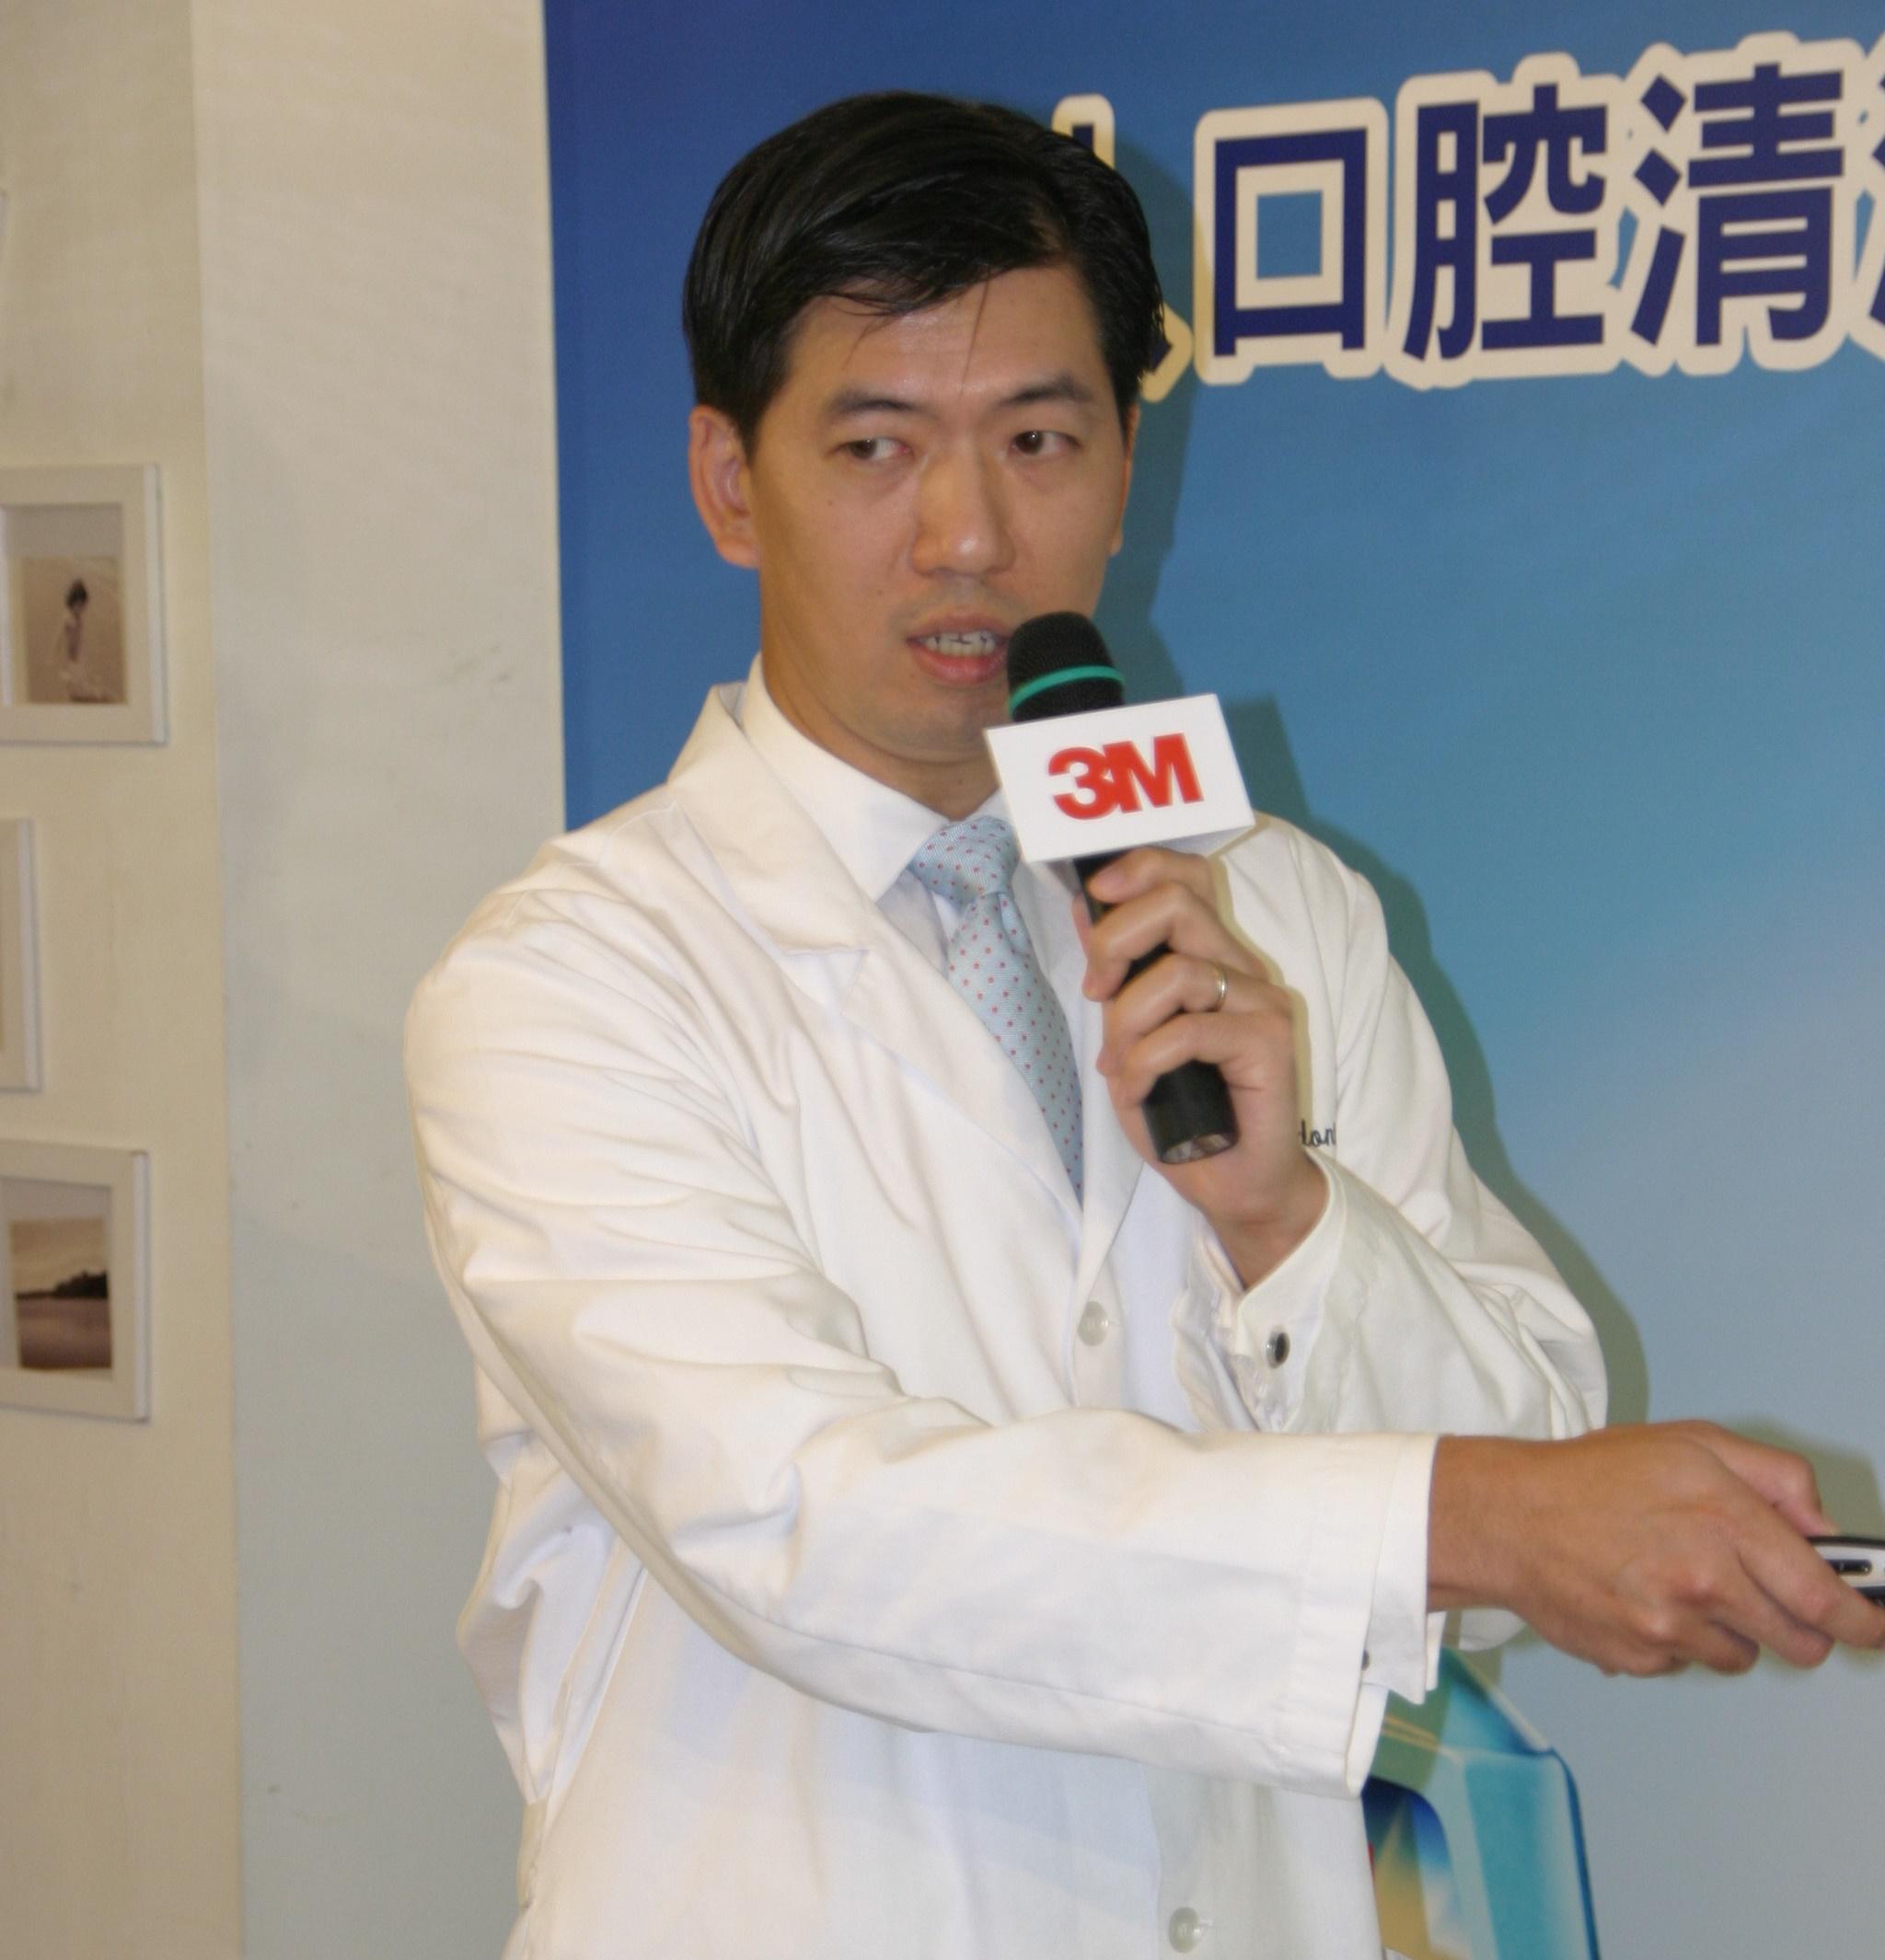 極緻美學牙醫診所主治醫師楊書維